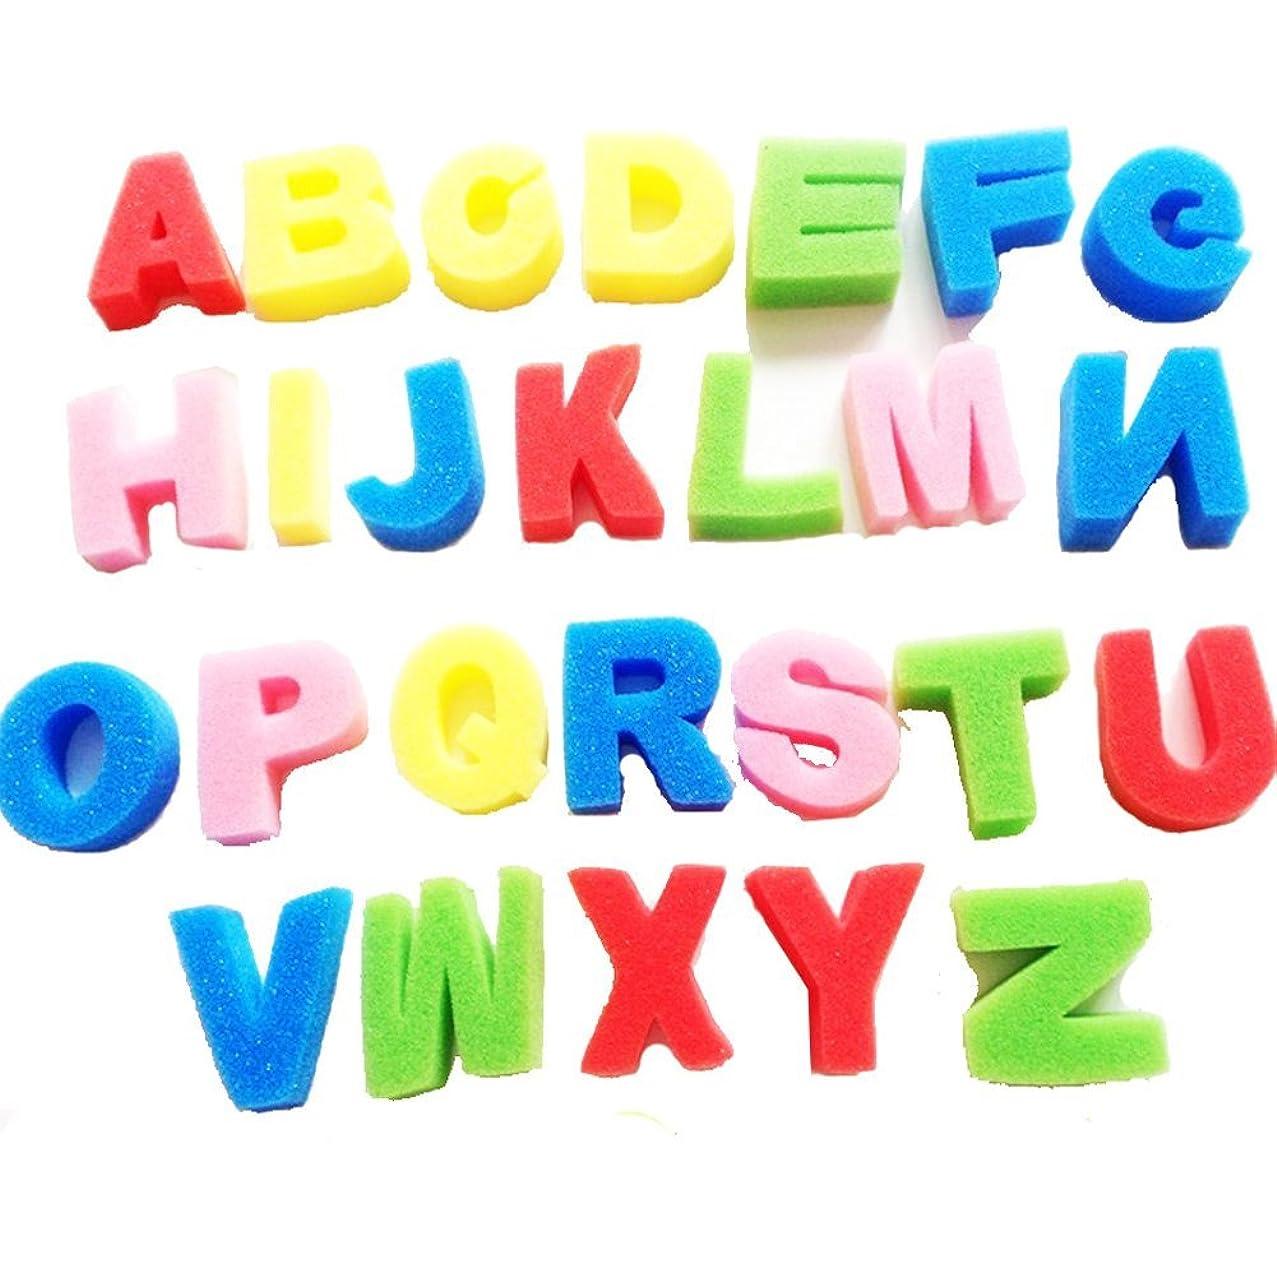 Carykon Artist Studio ABC Alphabet Sponges Painting Sponges Capital Letter, 26 Count